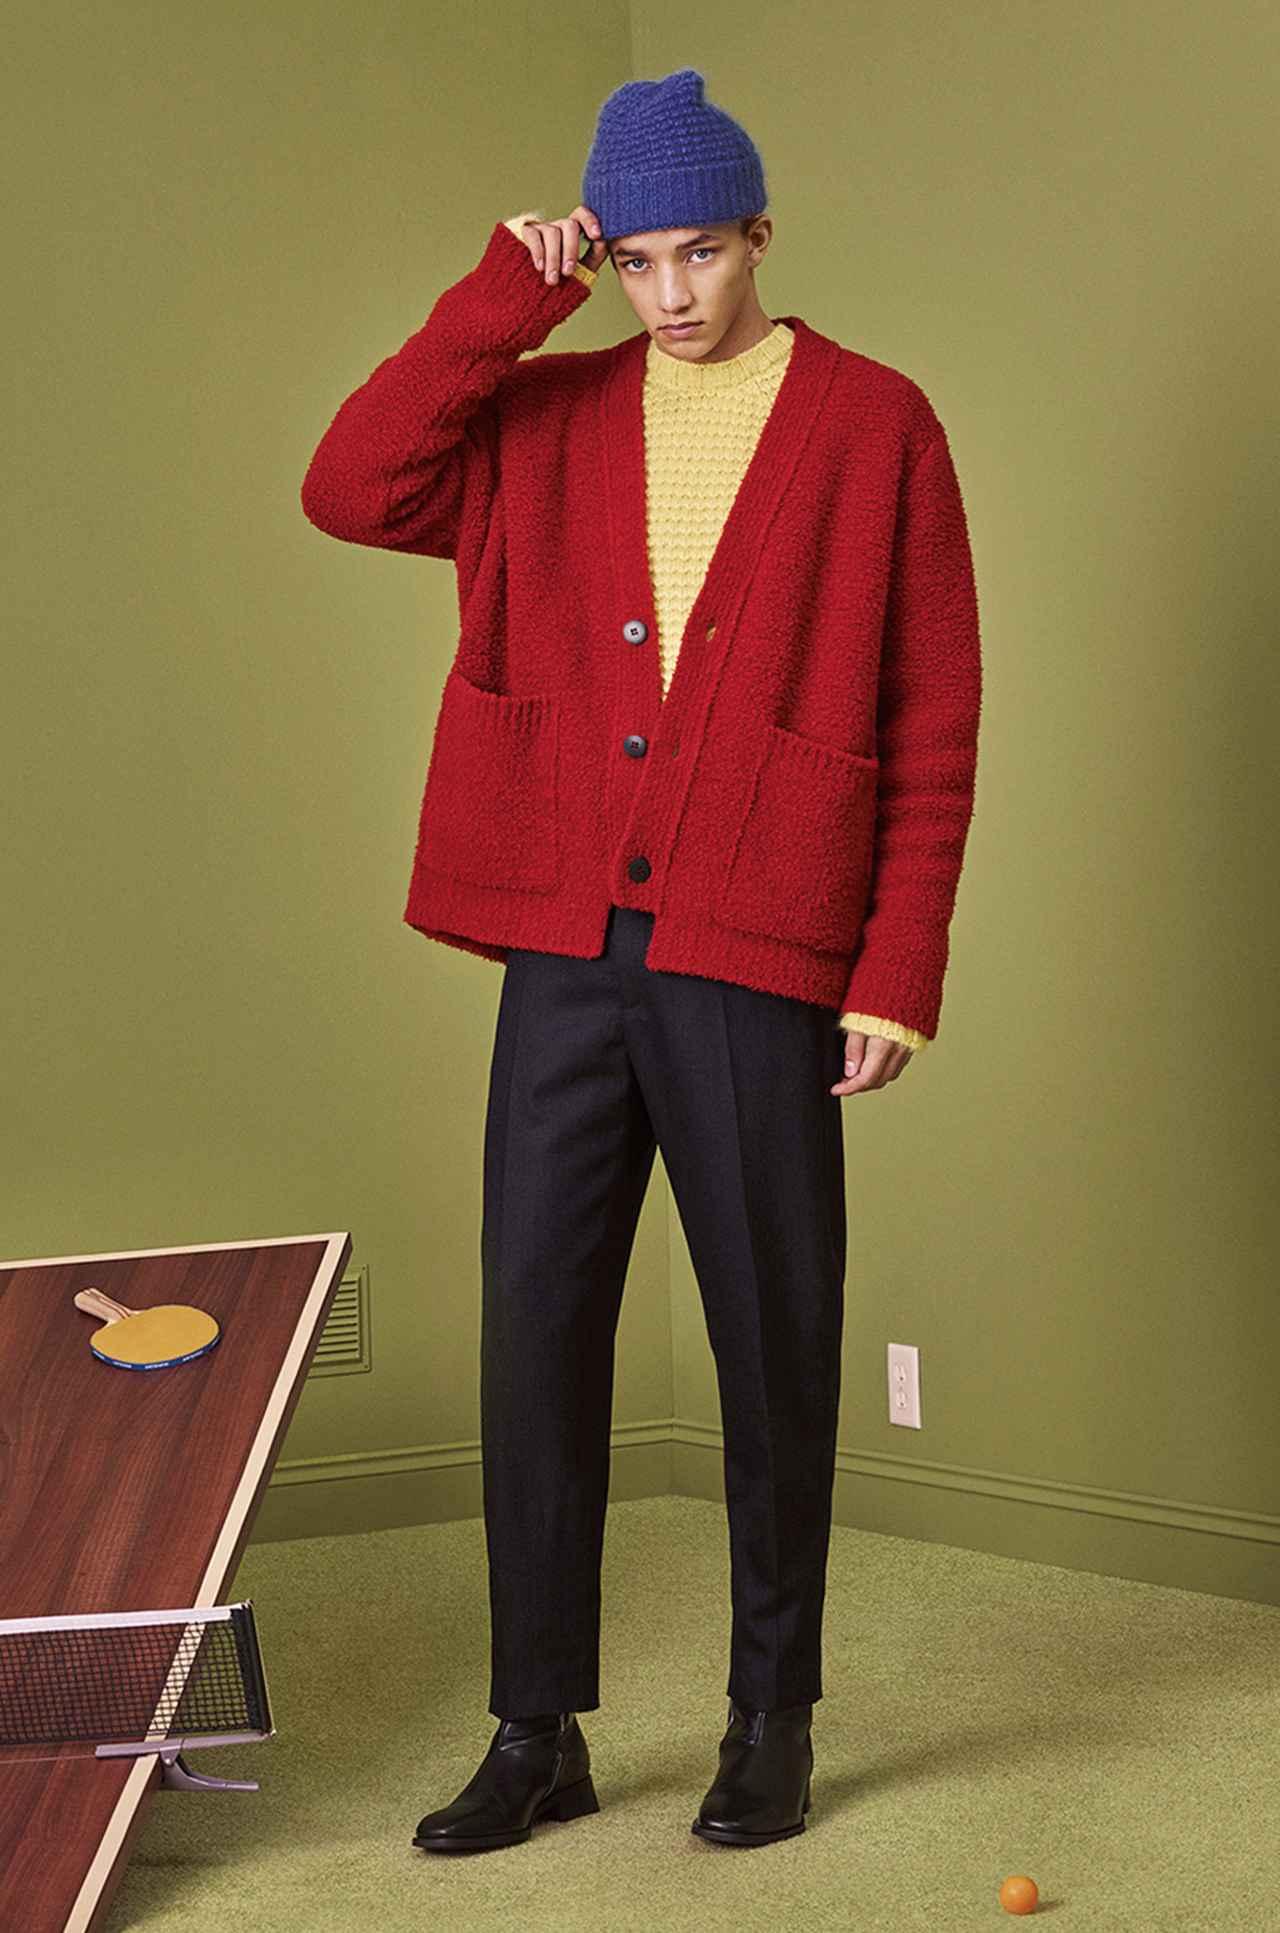 Images : 2番目の画像 - 「ステラ・マッカートニーが 描く男性像」のアルバム - T JAPAN:The New York Times Style Magazine 公式サイト